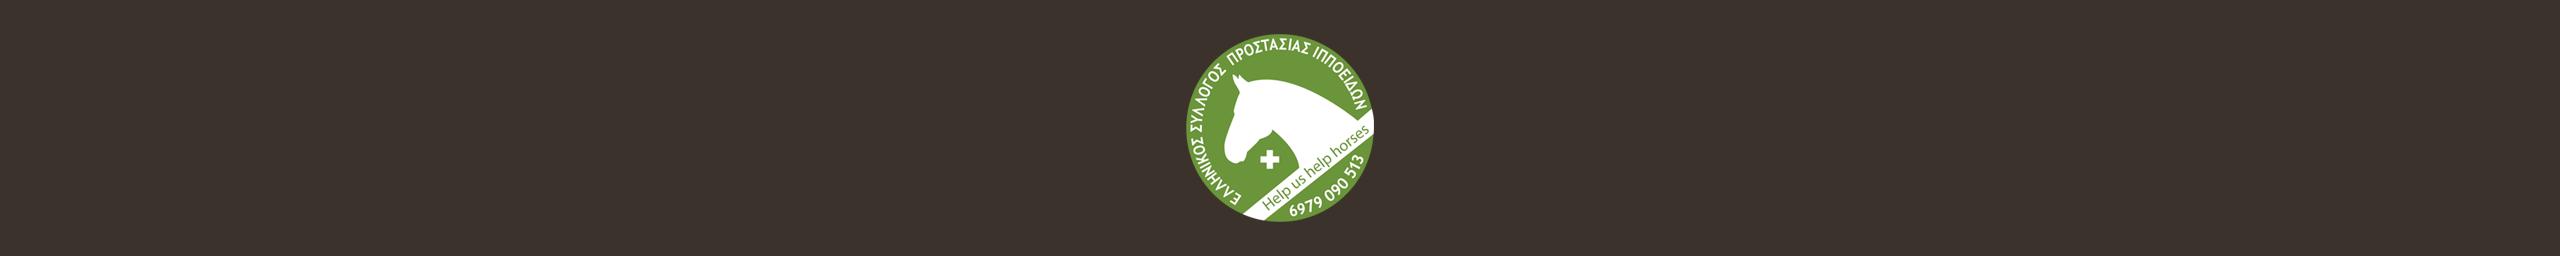 Ελληνικός Σύλλογος Προστασίας Ιπποειδών